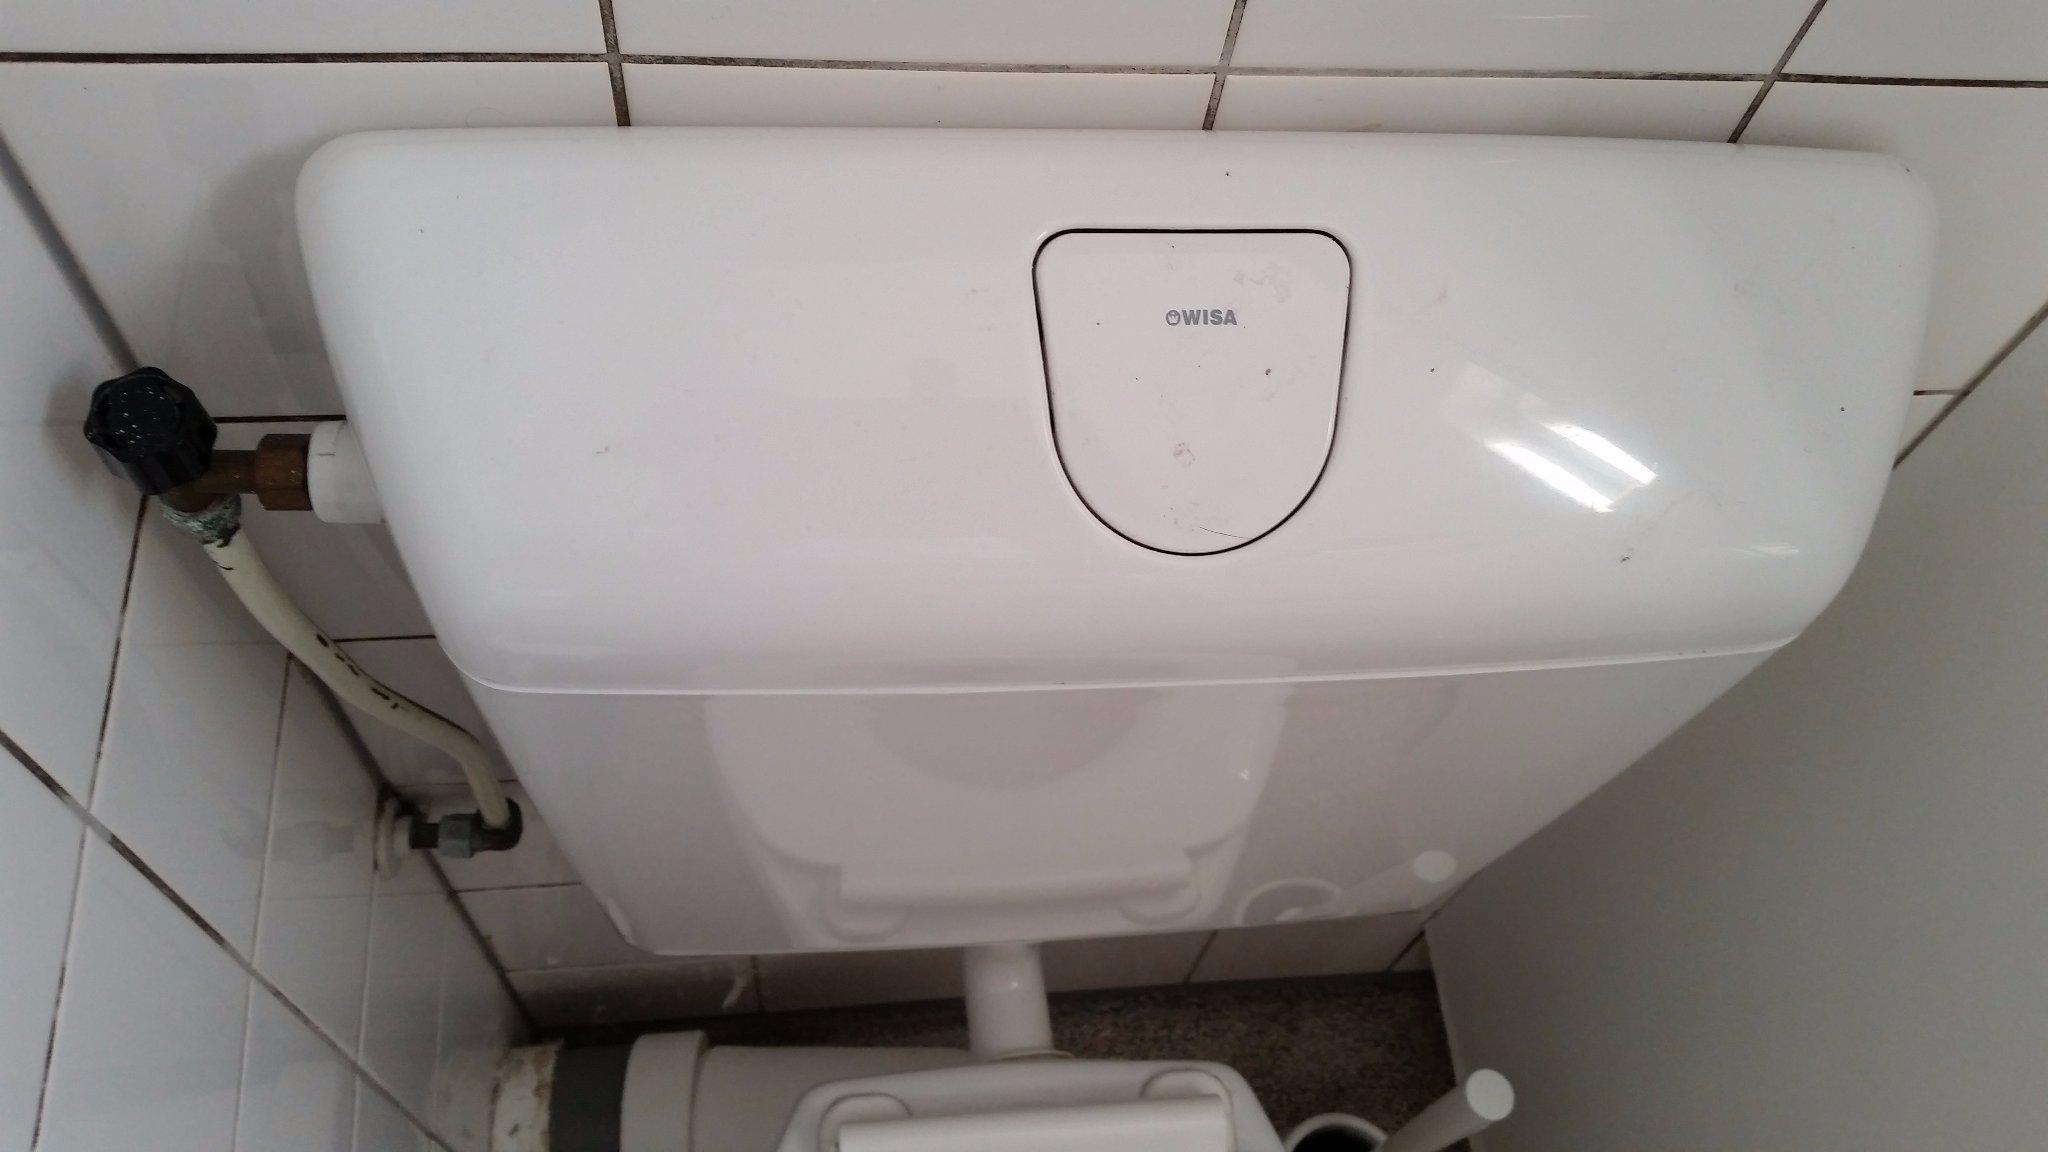 Ouderwetse Stortbak Toilet : Stortbak toilet repareren of nieuw plaatsen werkspot